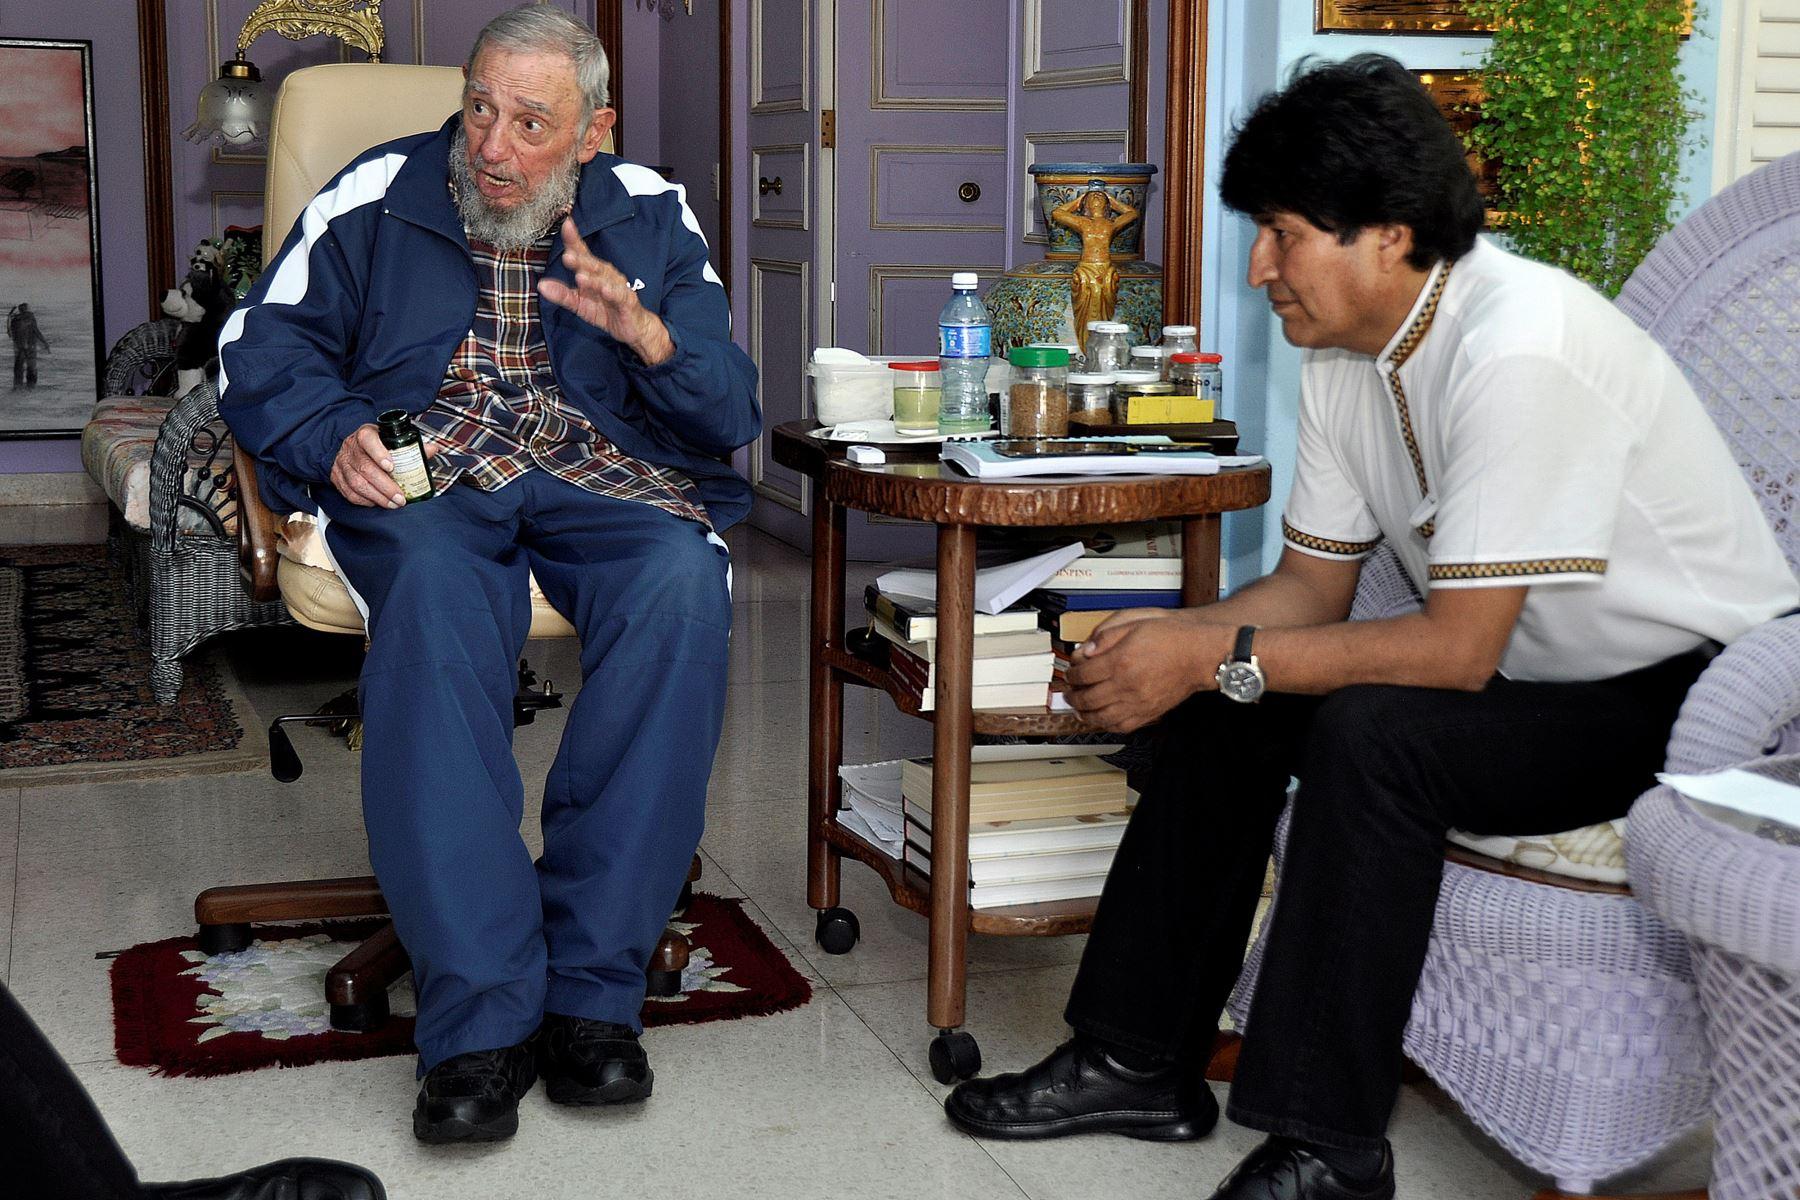 El ex presidente cubano Fidel Castro (L) hablando con el presidente boliviano Evo Morales (R) durante su 89 cumpleaños, en La Habana, el 13 de agosto de 2015.